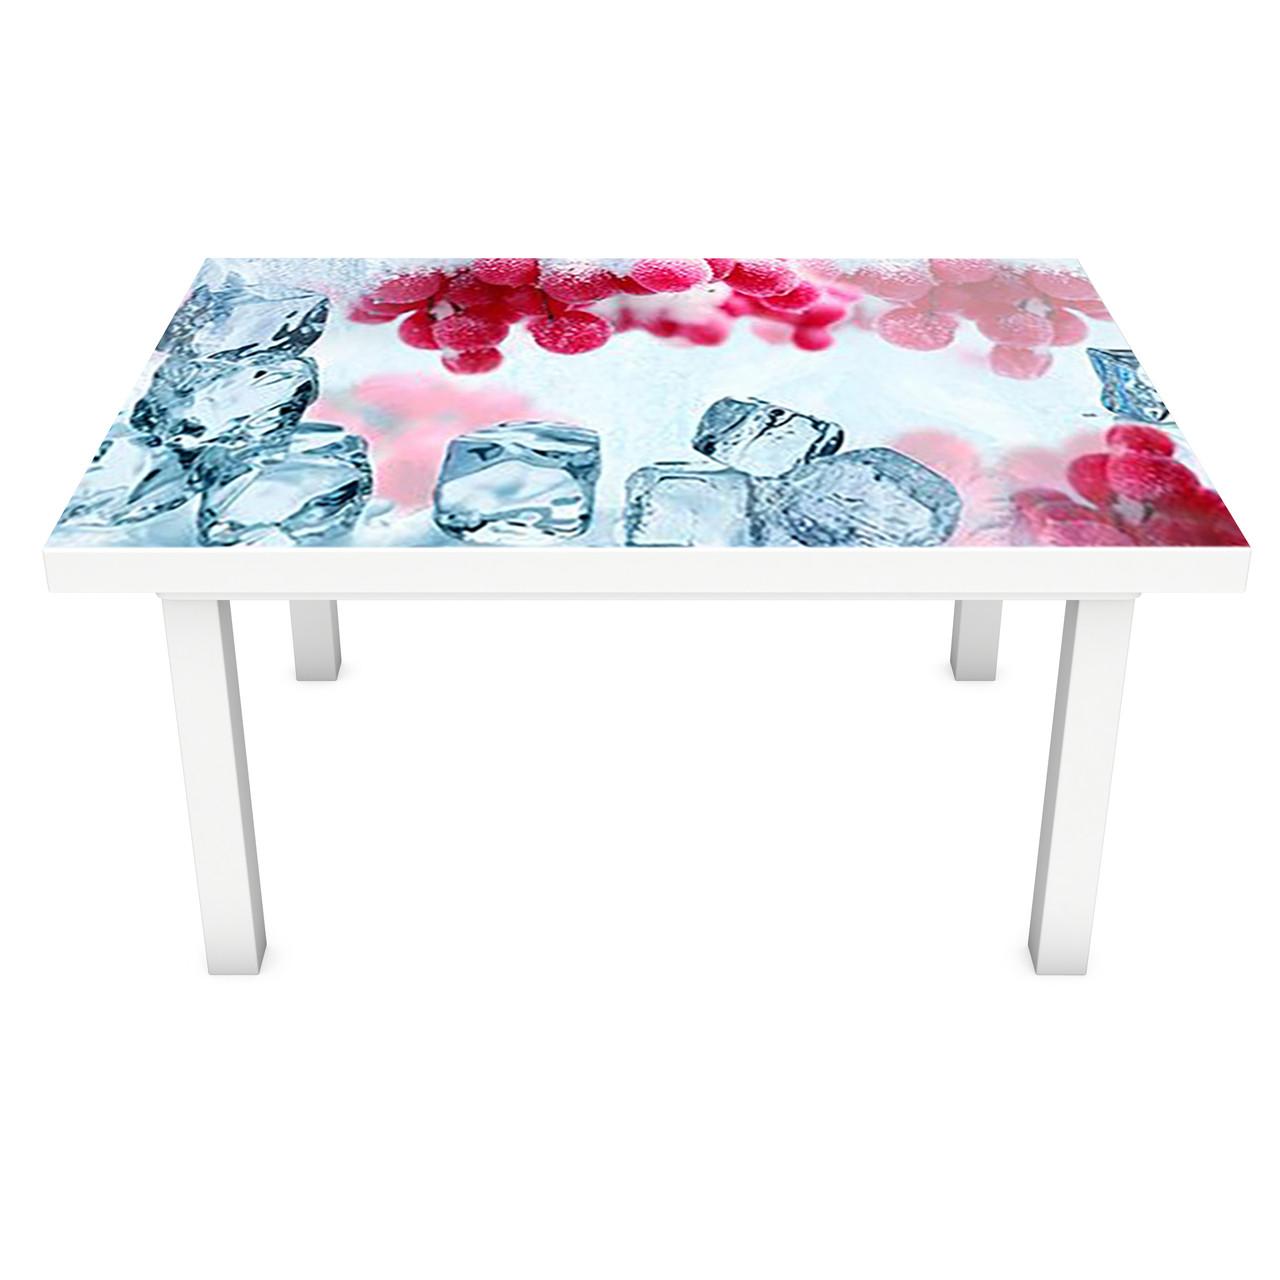 Наклейка на стол виниловая Зимняя Калина на мебель интерьерная ПВХ пленка лед красные ягоды зима 600*1200 мм